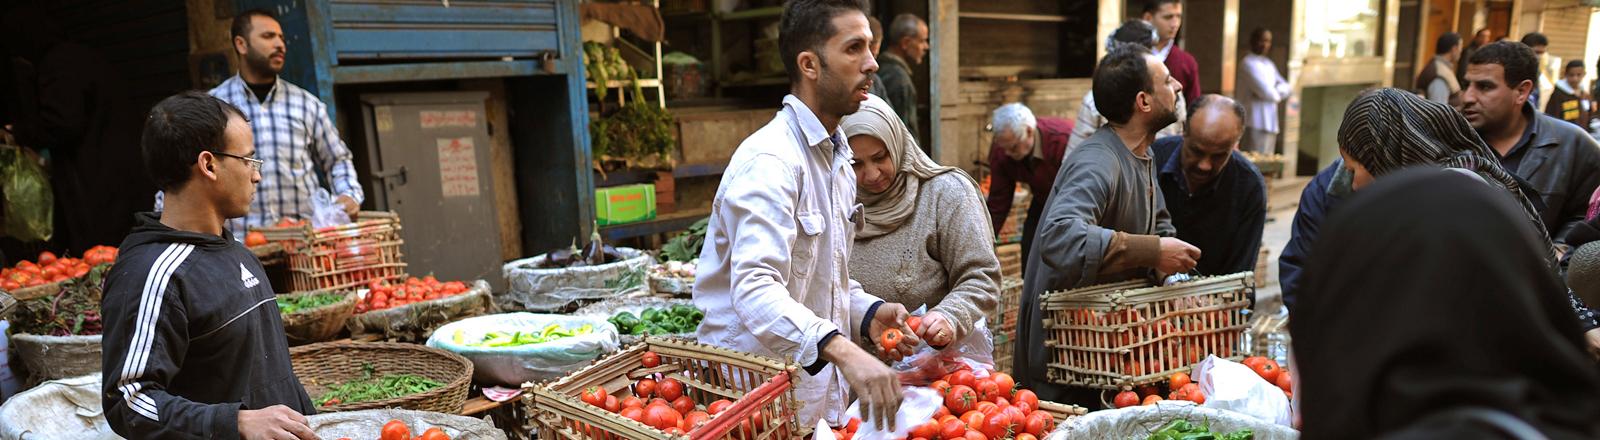 Händler stehen hinter einem Marktstand und verkaufen Gemüse, vor allem Tomaten; Bild: dpa